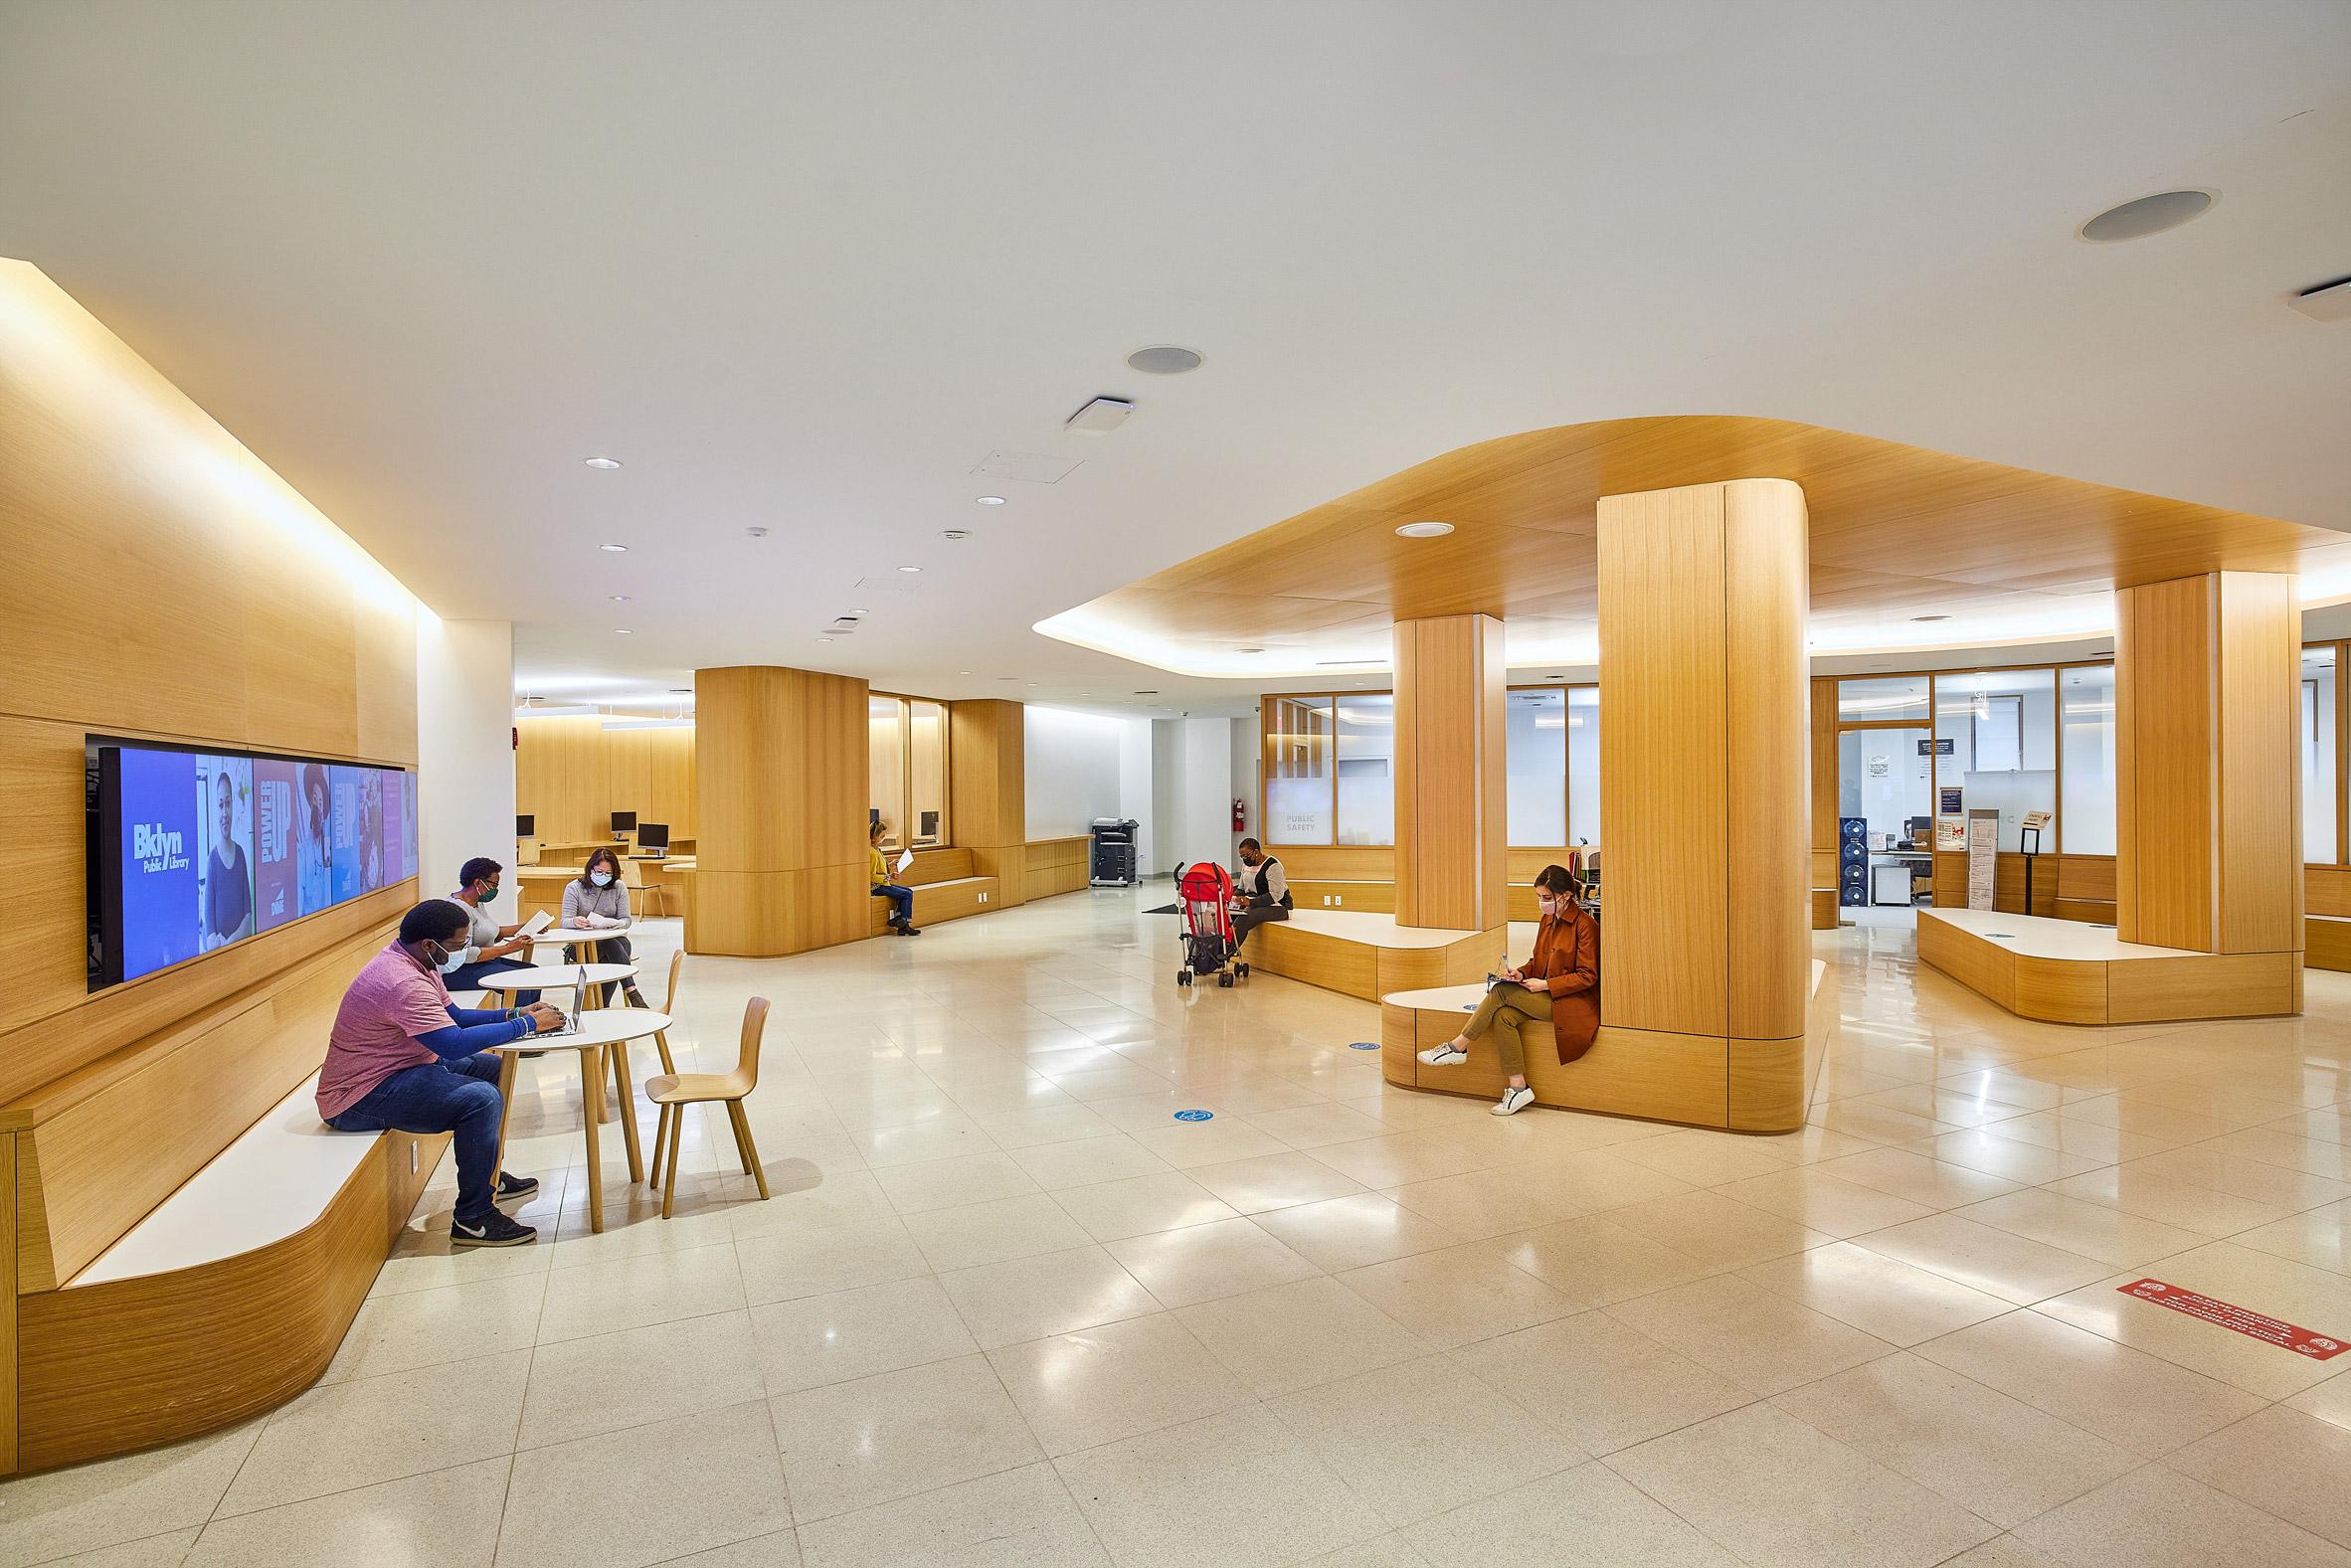 Toshiko Mori designed the project